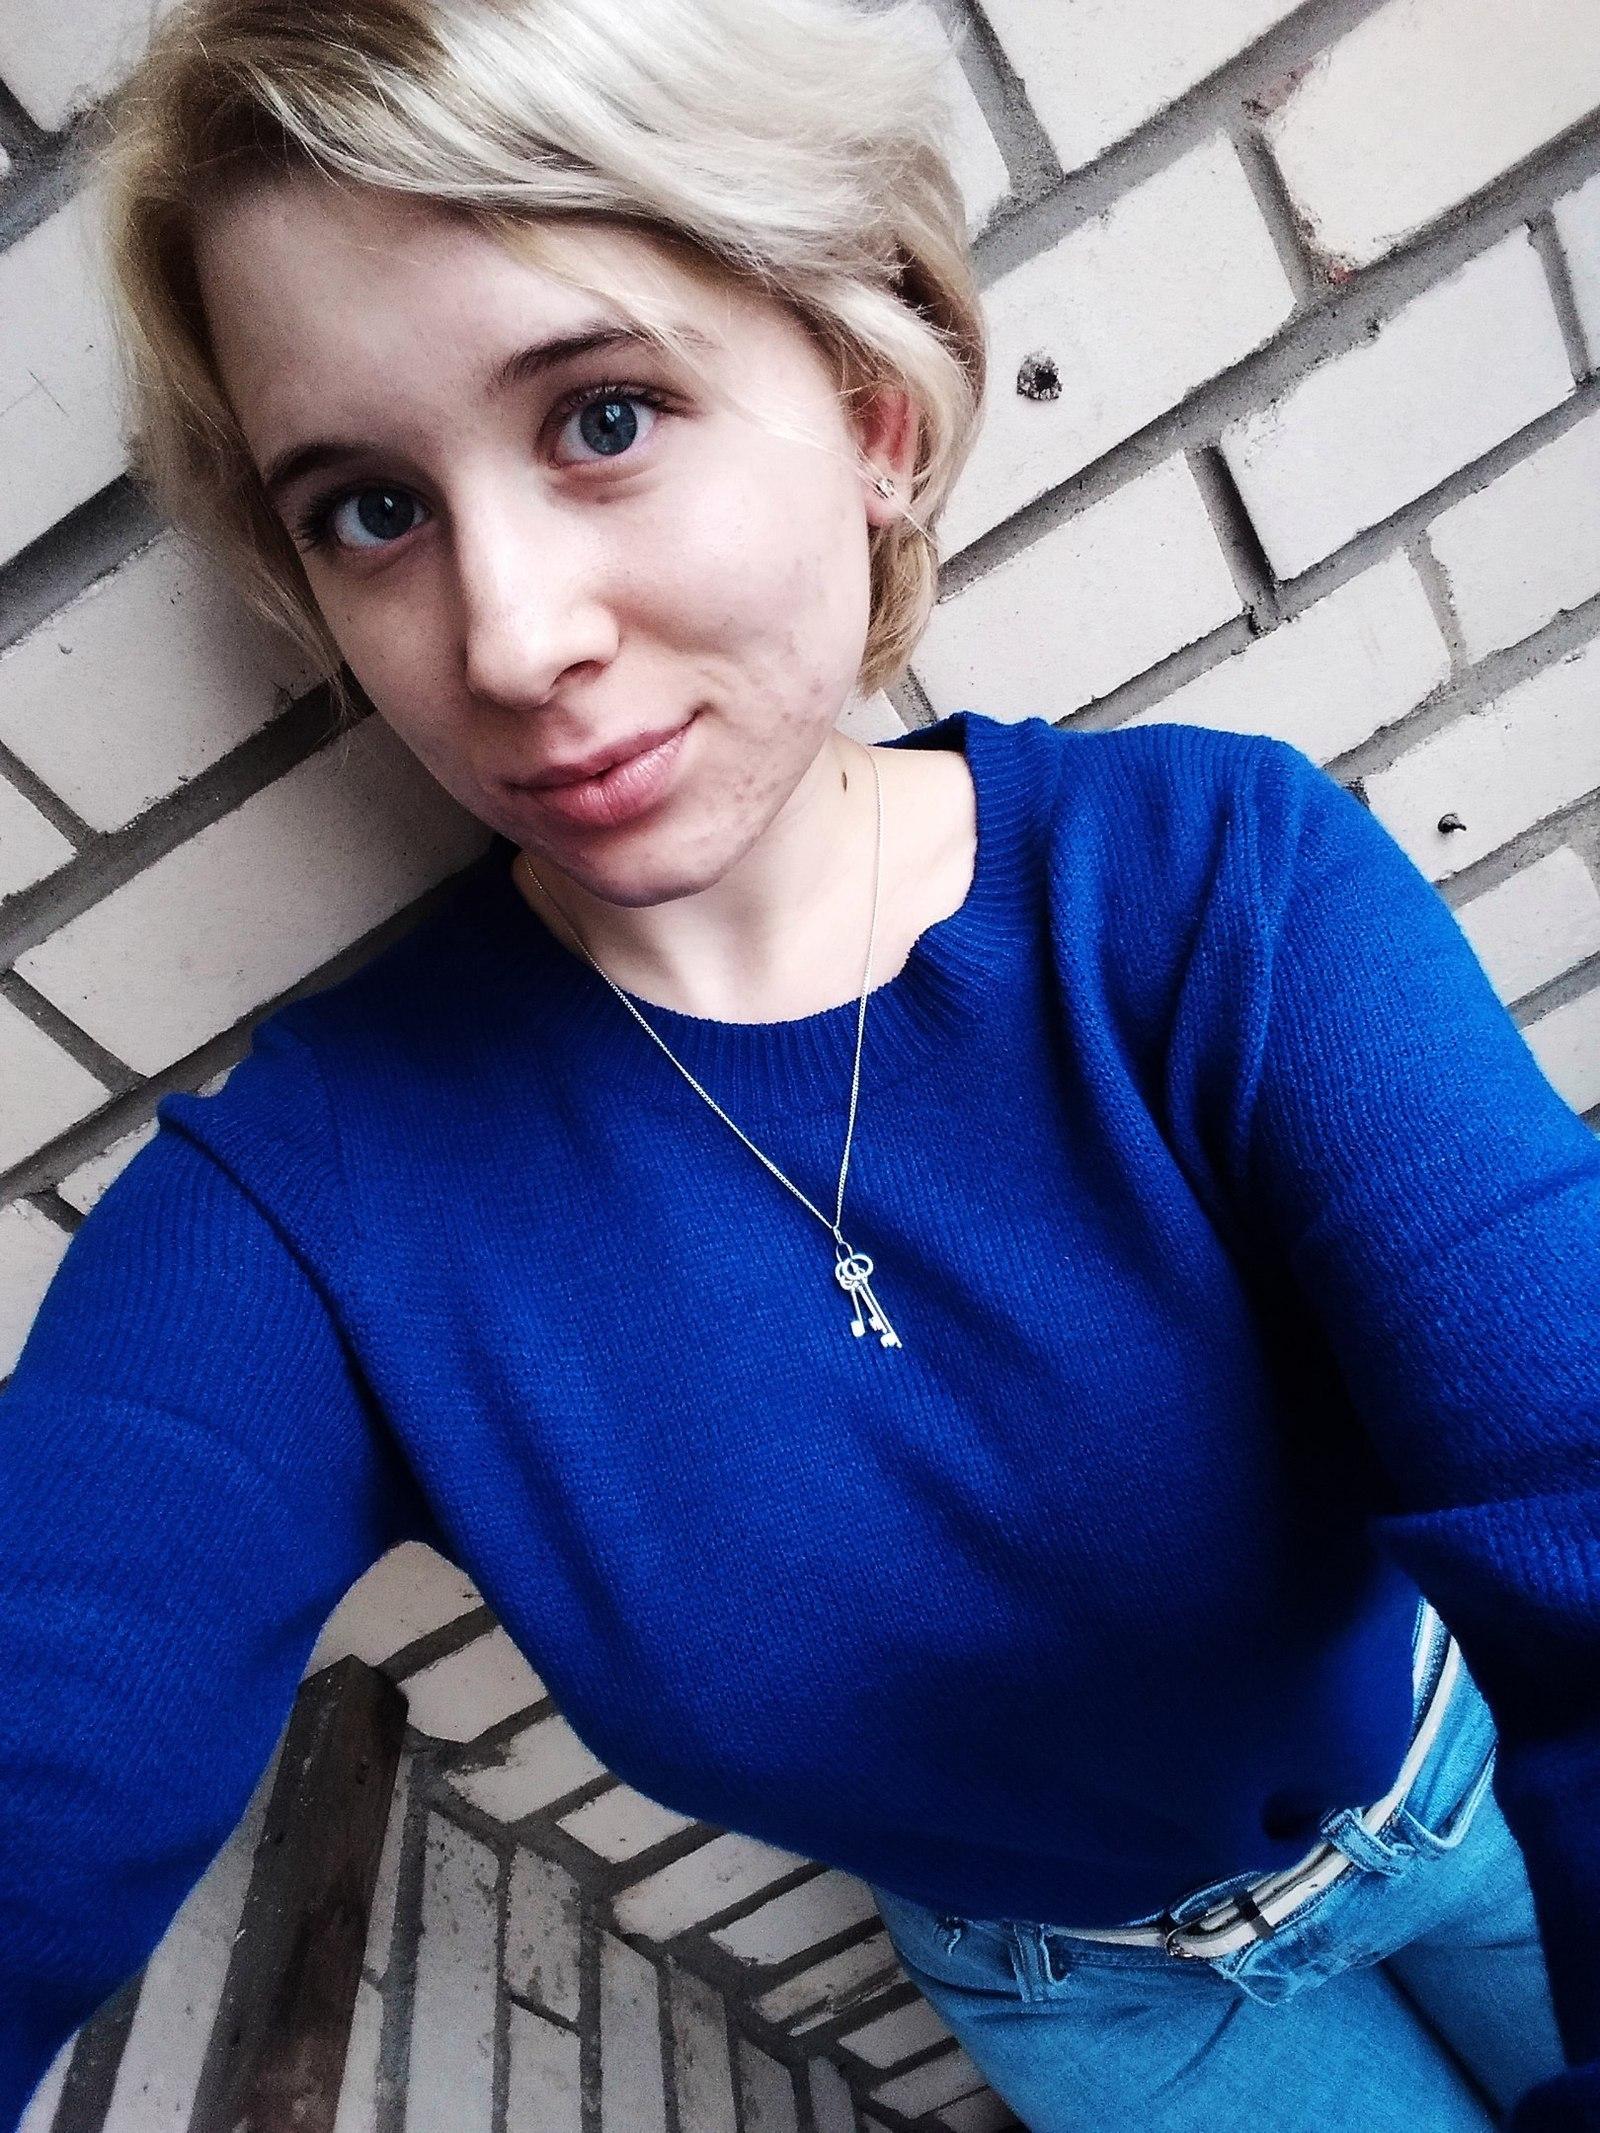 Знакомства я ищу девушка фото телефон адрес г, рязань баишева сергей бабаево